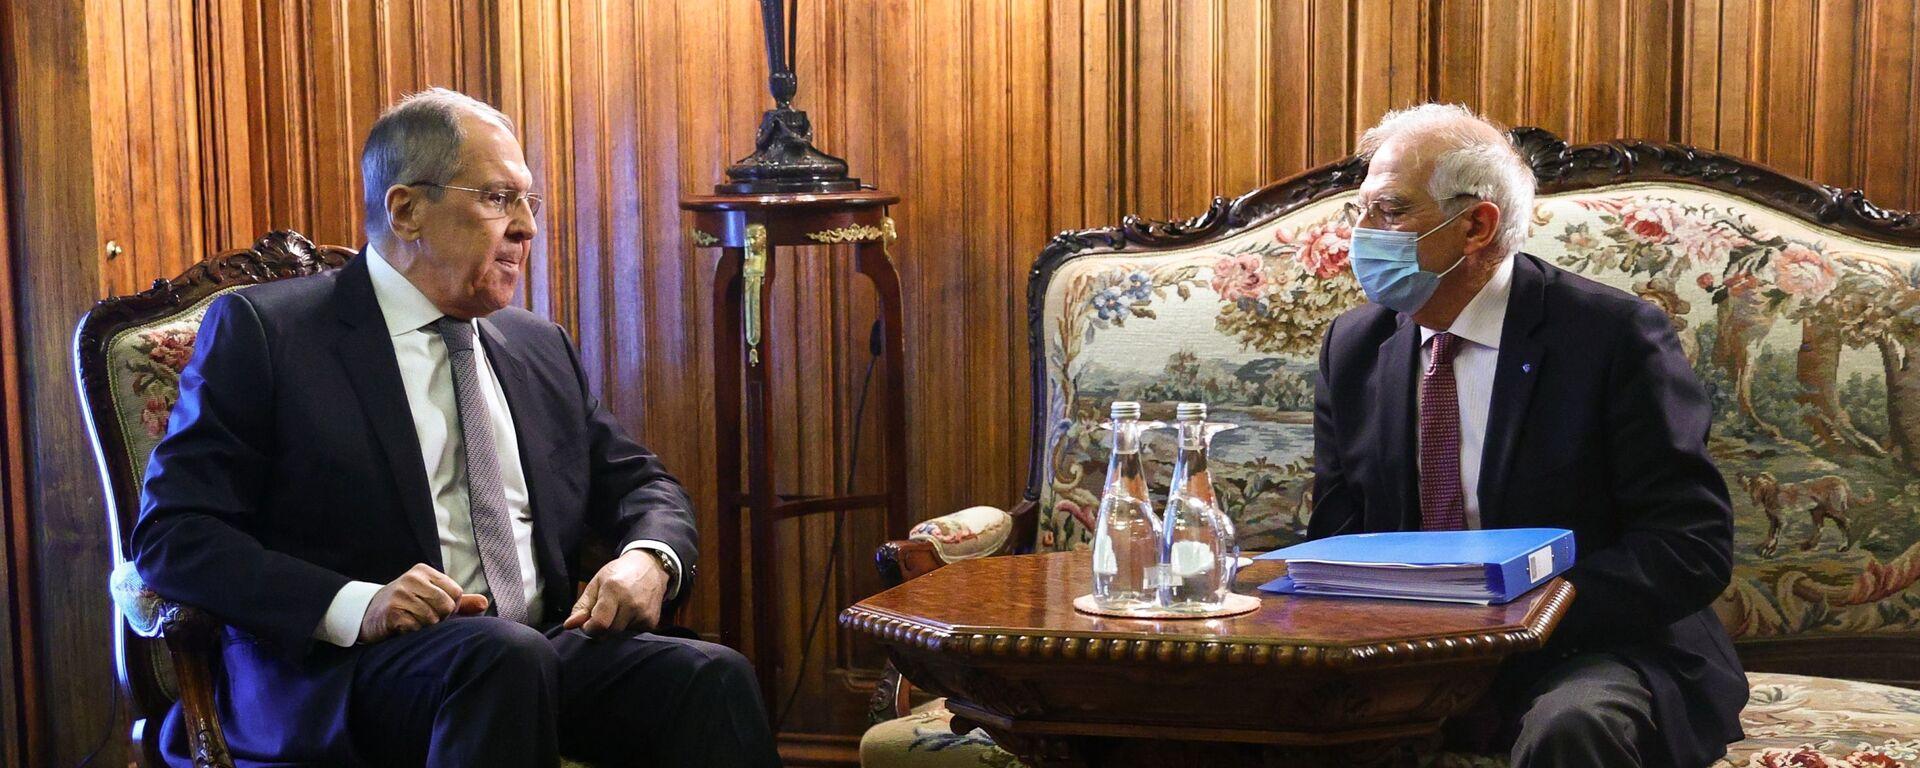 Il vertice tra il ministro degli Esteri russo Sergei Lavrov e l'Alto rappresentante per gli Affari Esteri dell'Ue Josep Borrell - Sputnik Italia, 1920, 07.02.2021